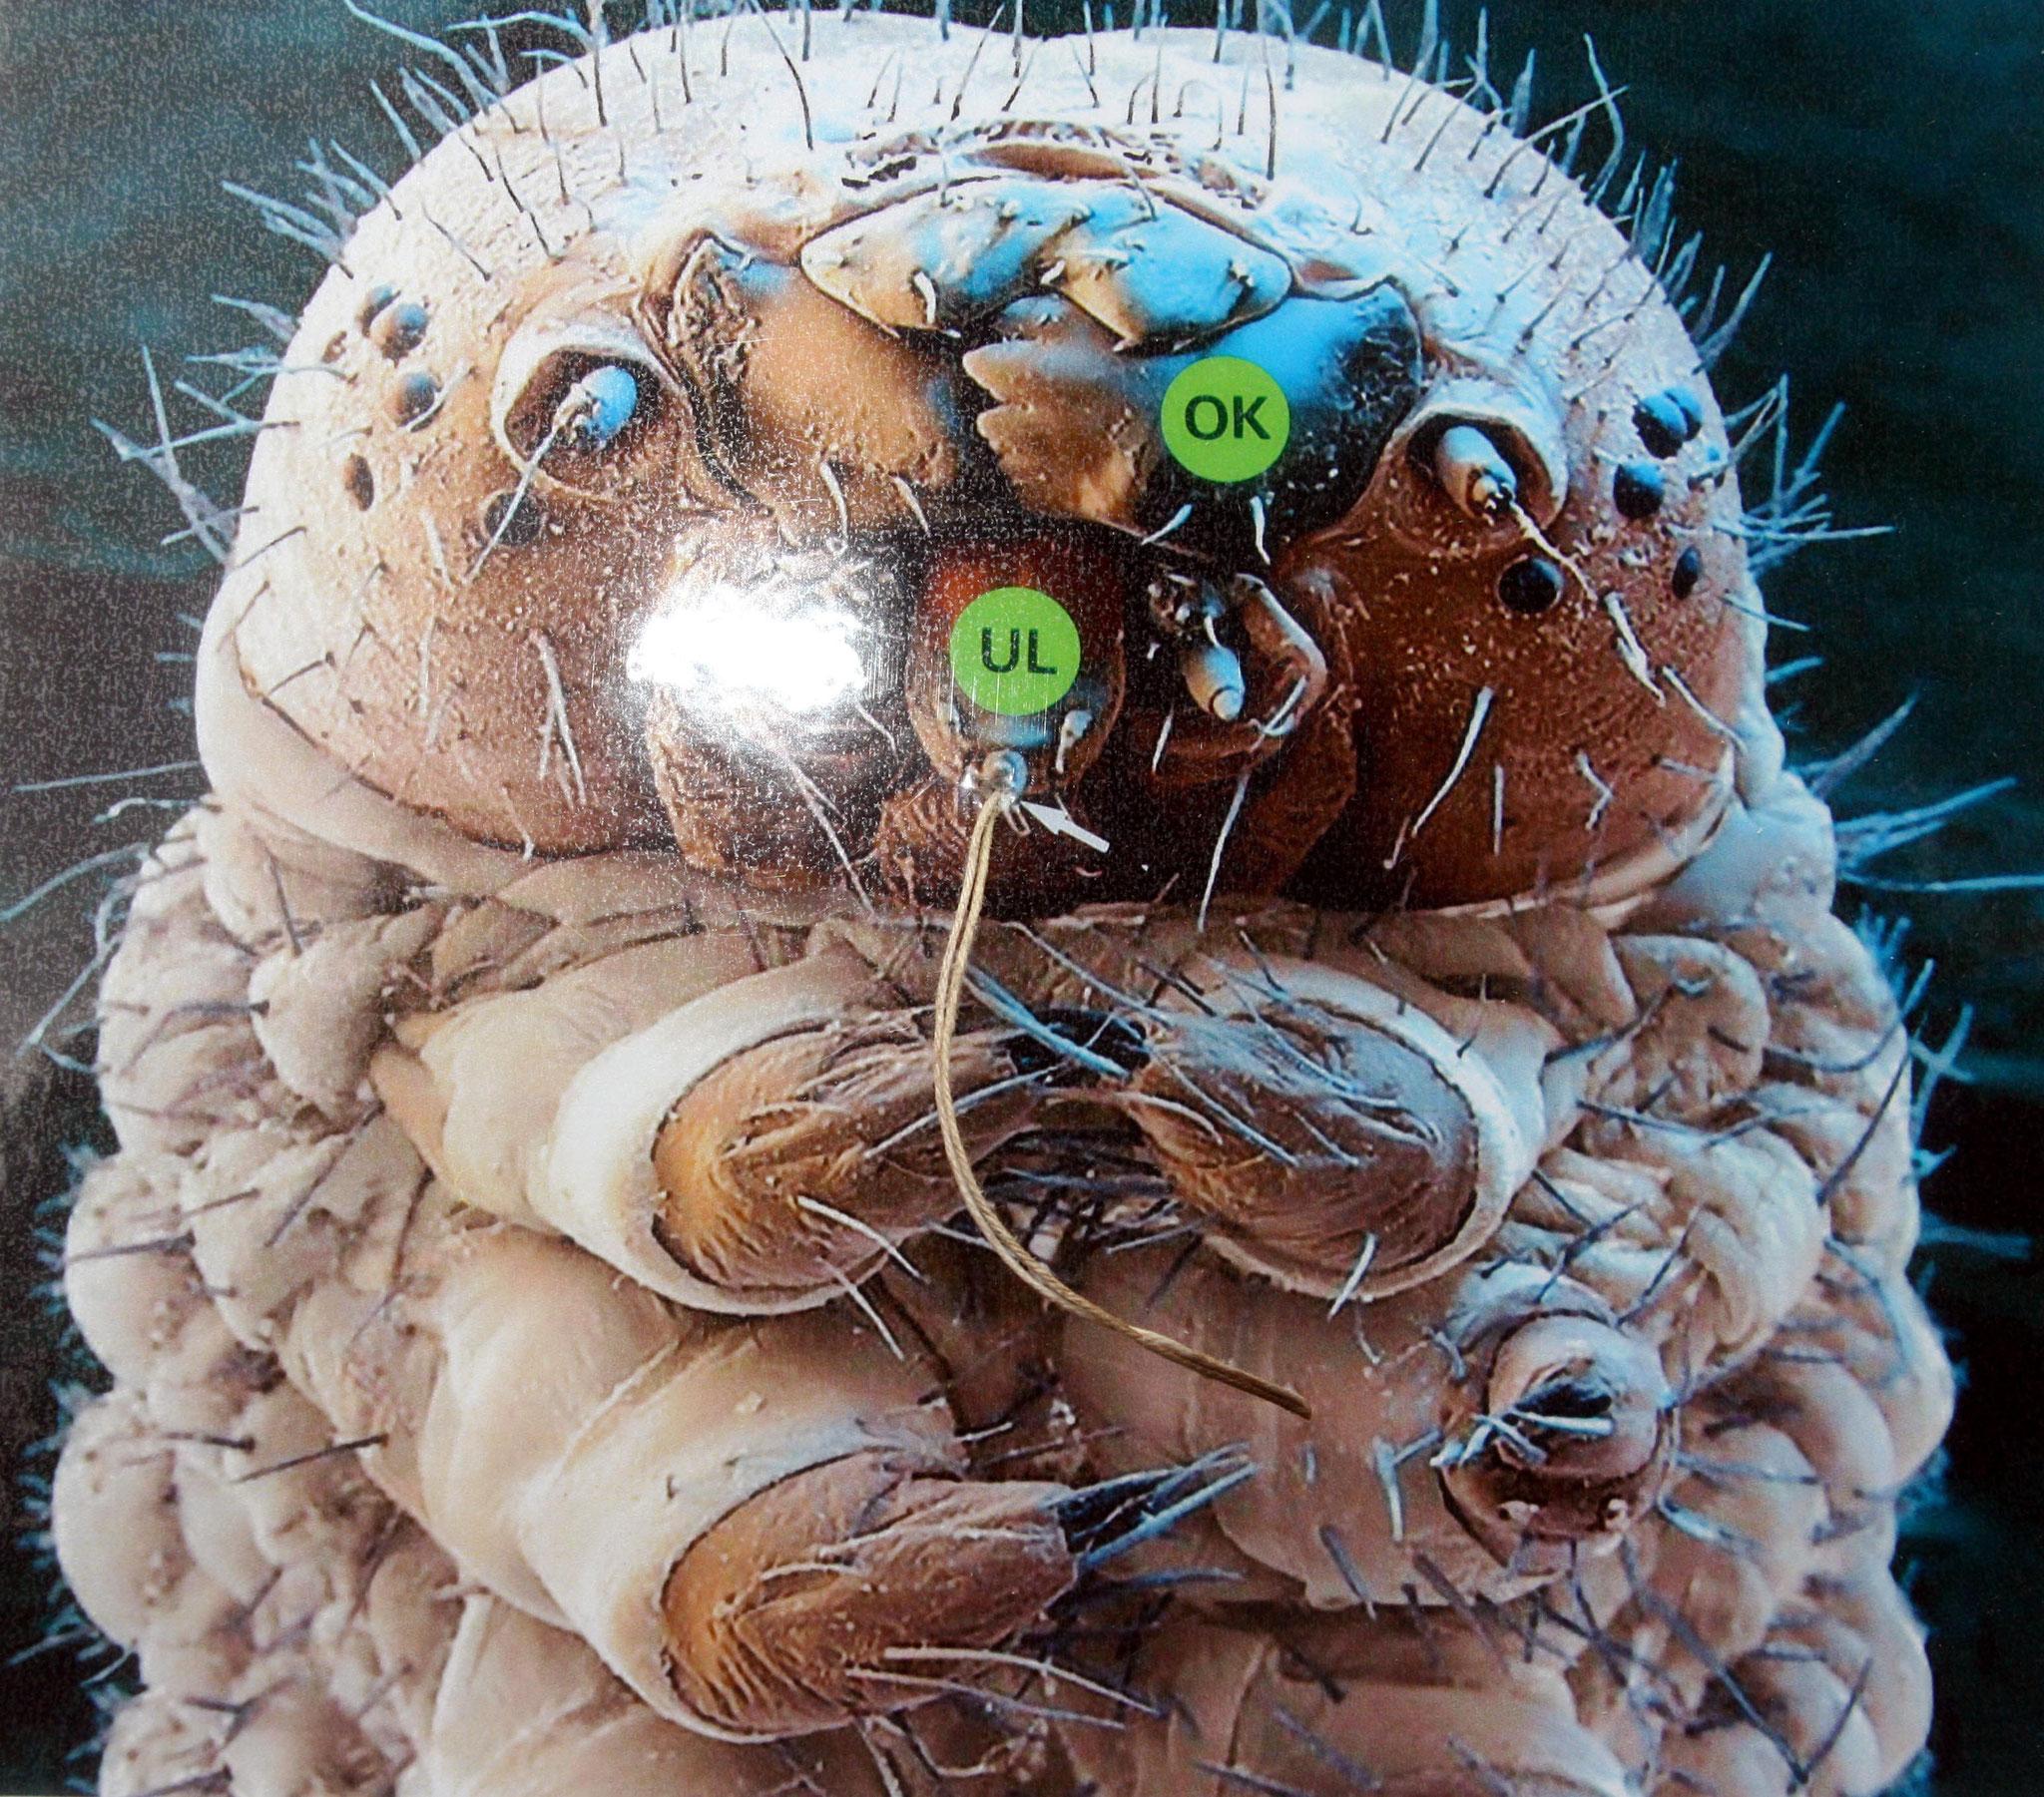 Blick durchs Elektronenmikroskop: Aus der Spinnwarze an der Unterlippe (UL) wird das Seidensekret ausgepresst, das an der Luft schnell zu einem 0,02 mm dicken Seidenfaden erstarrt.